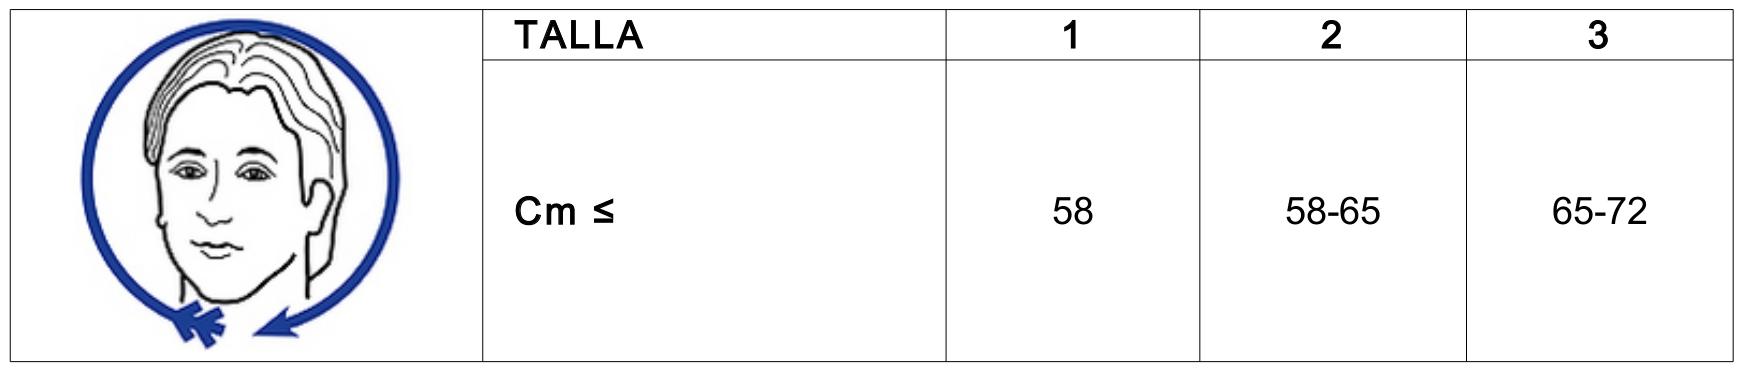 Guía de tallas Careta PBT 350N